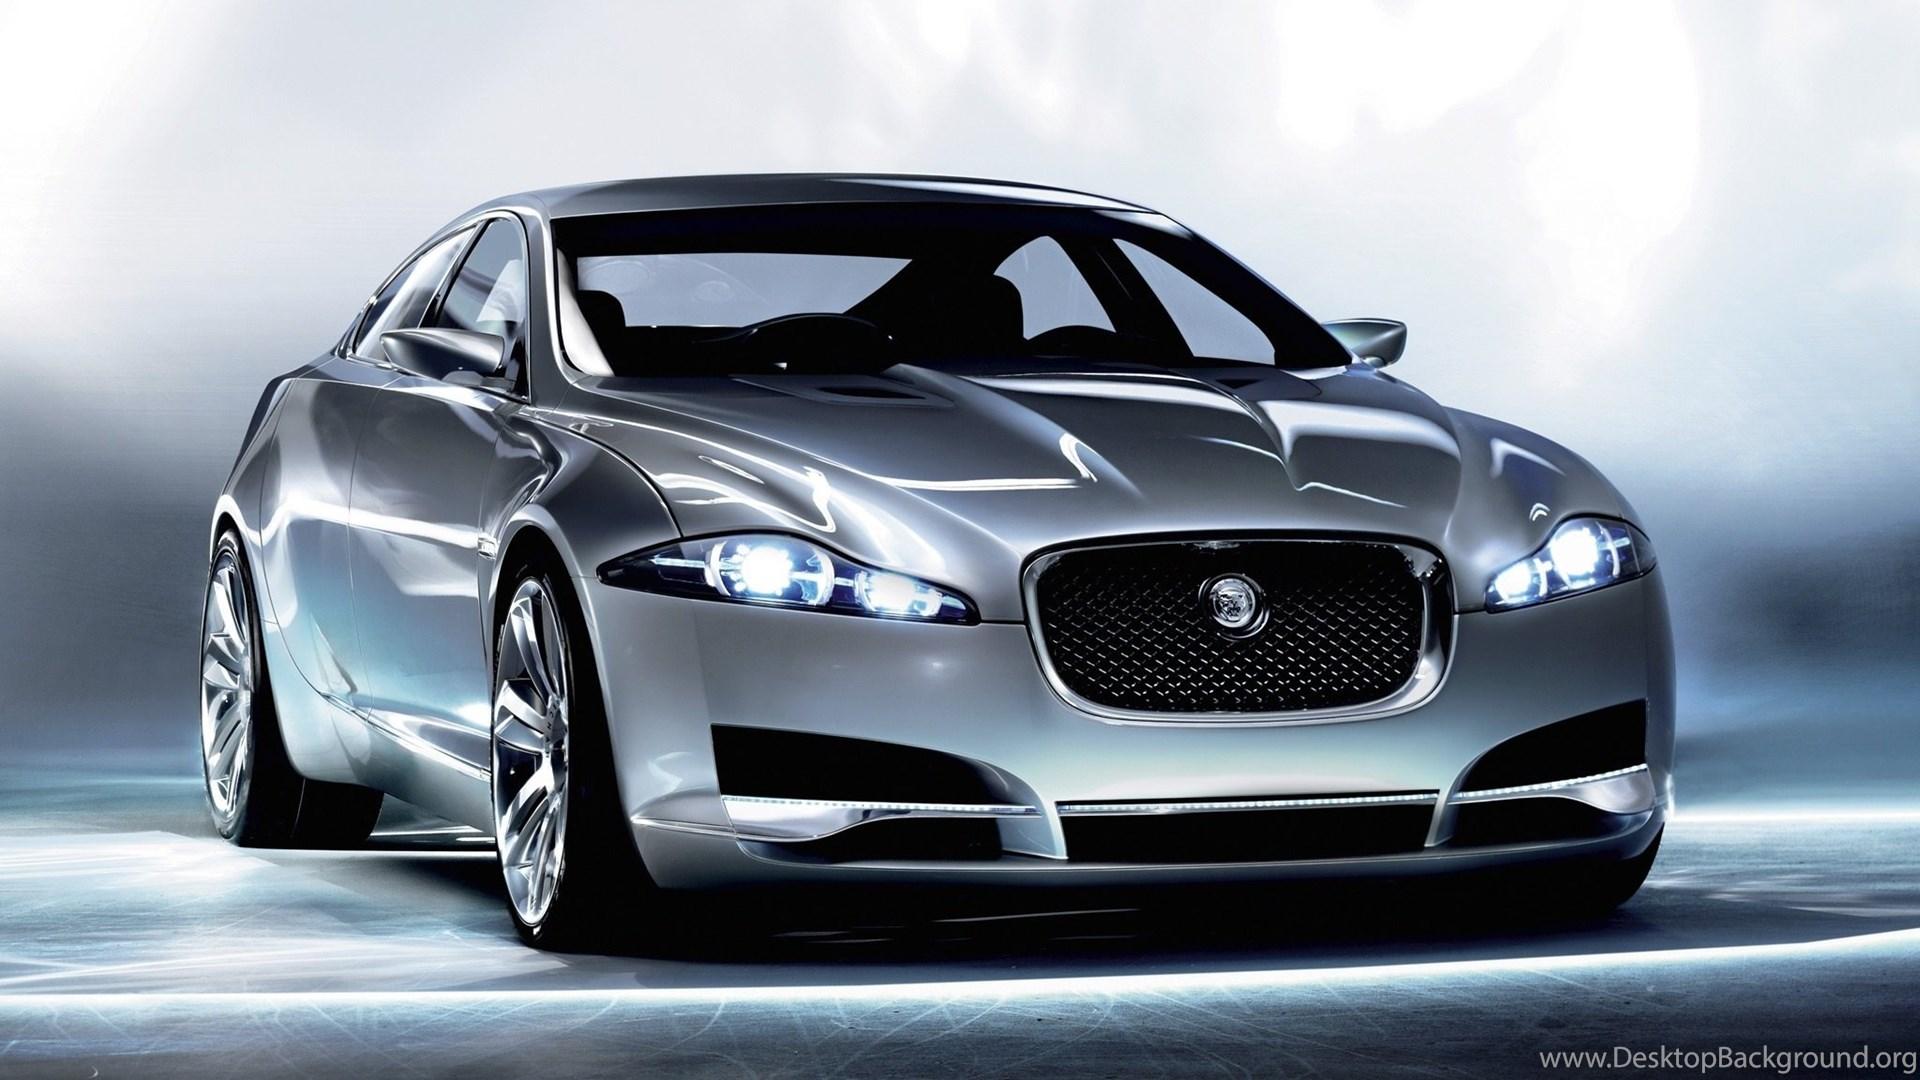 Jaguar Car Mobile Wallpapers Desktop Background